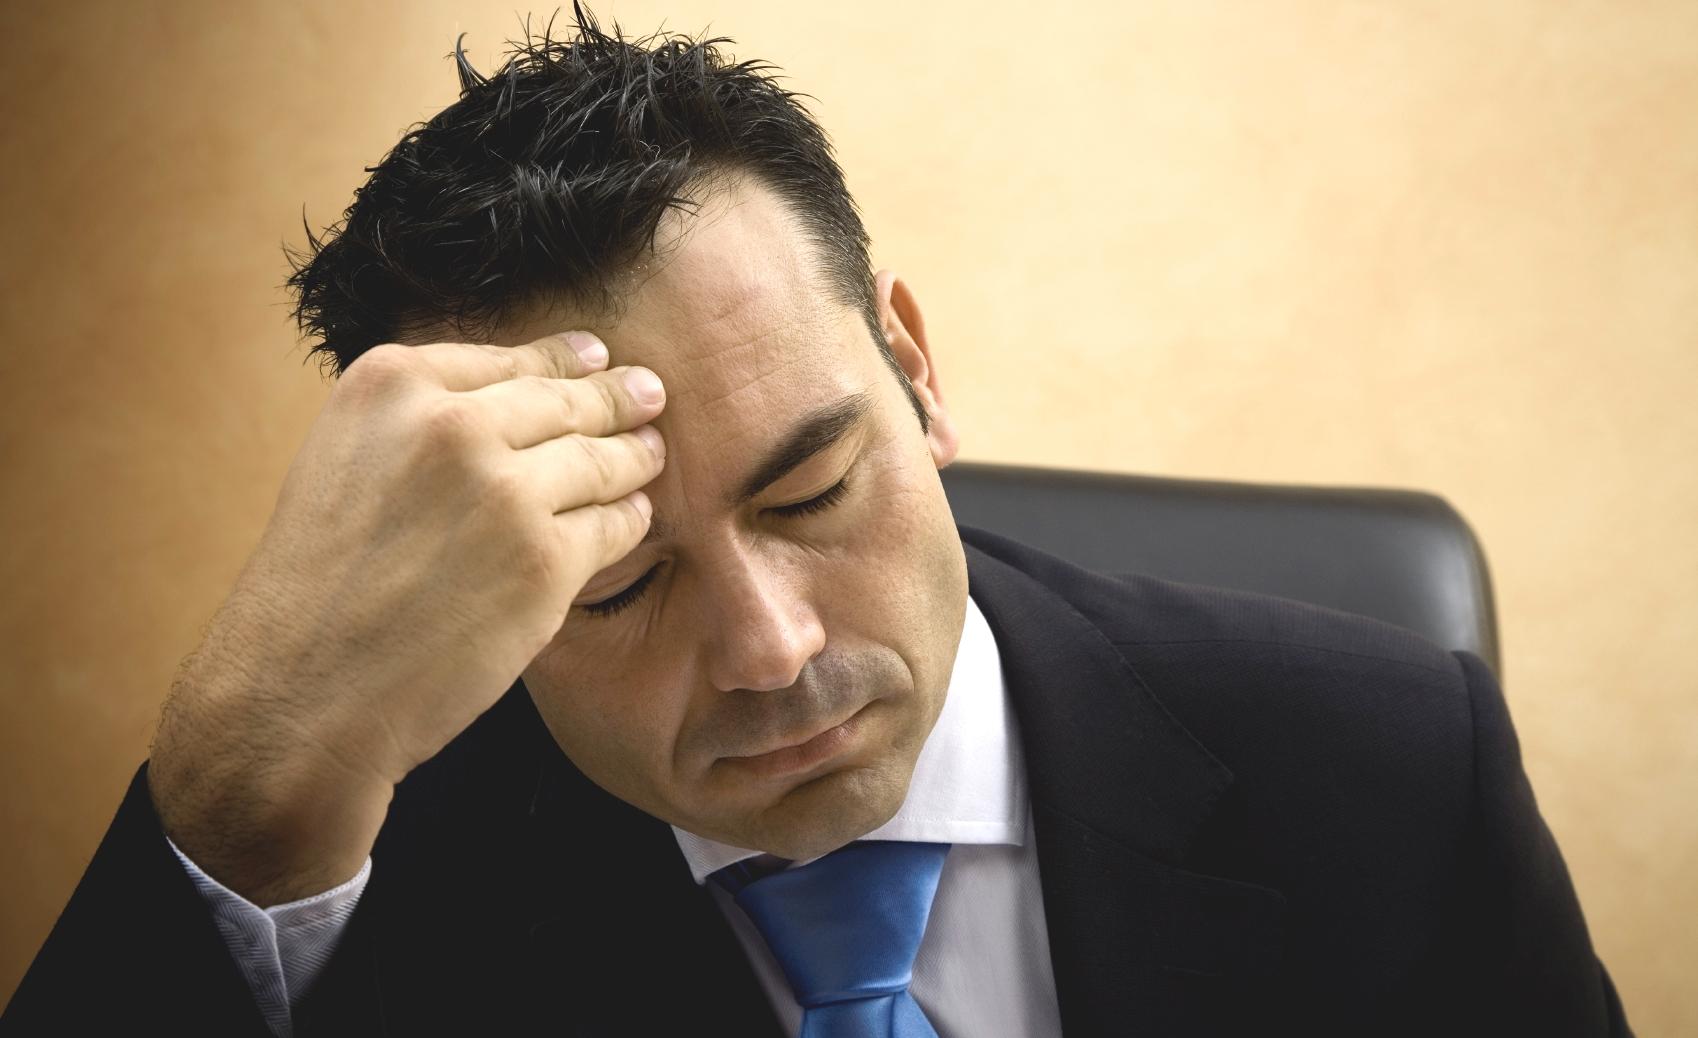 Stress o alopecia? Ecco perché Marquez ha sofferto di ...